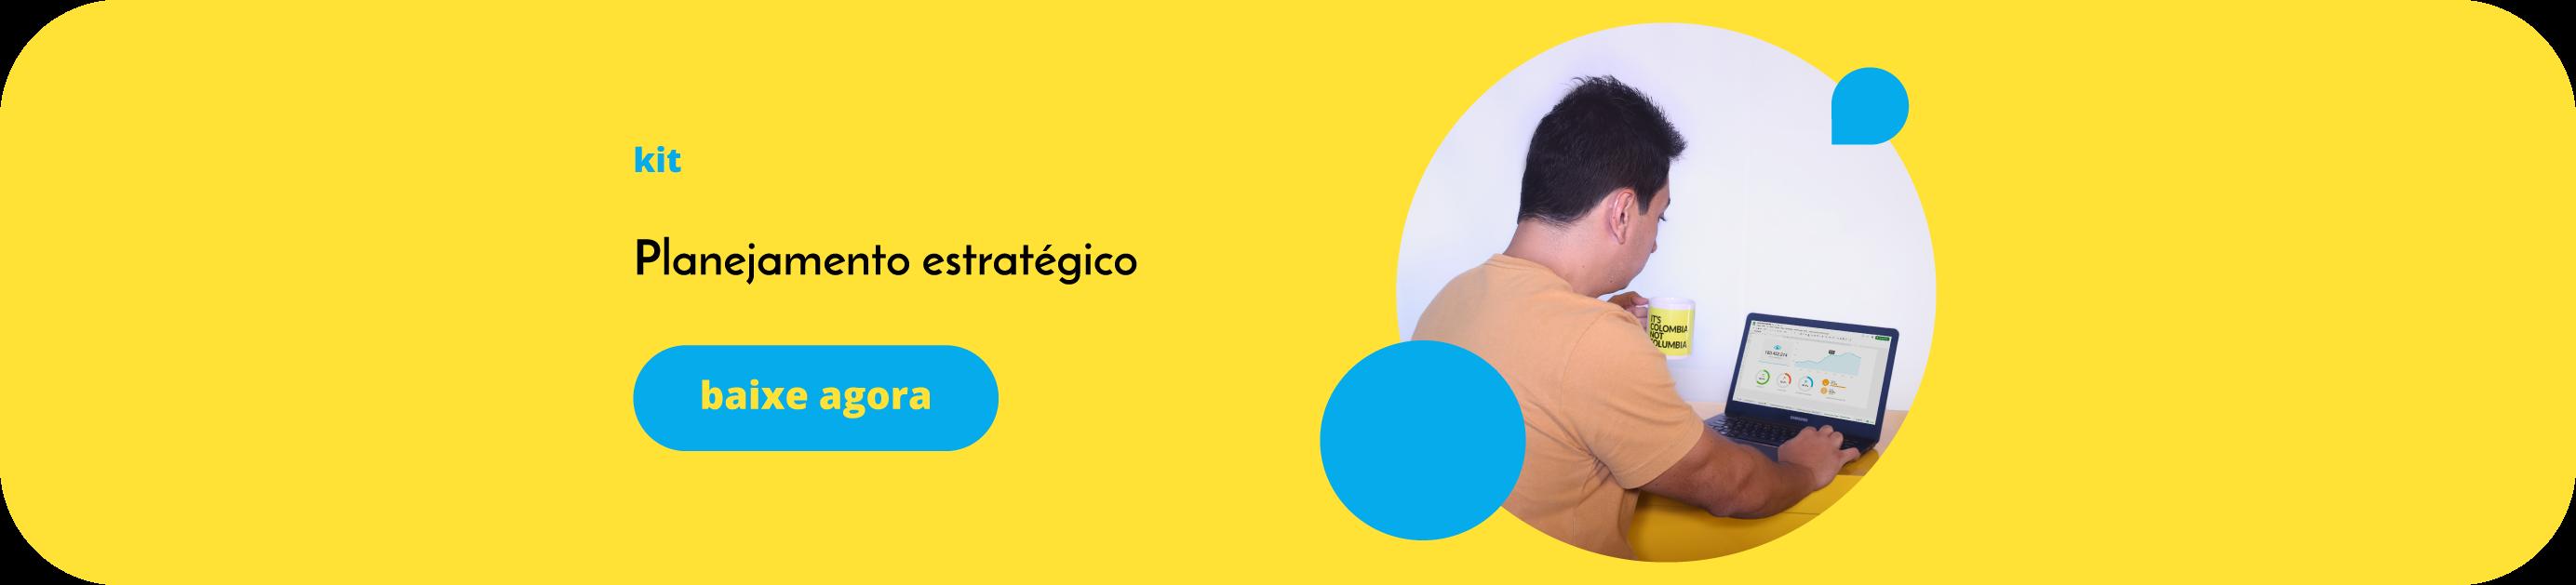 Kit: Planejamento estratégico Sambatech